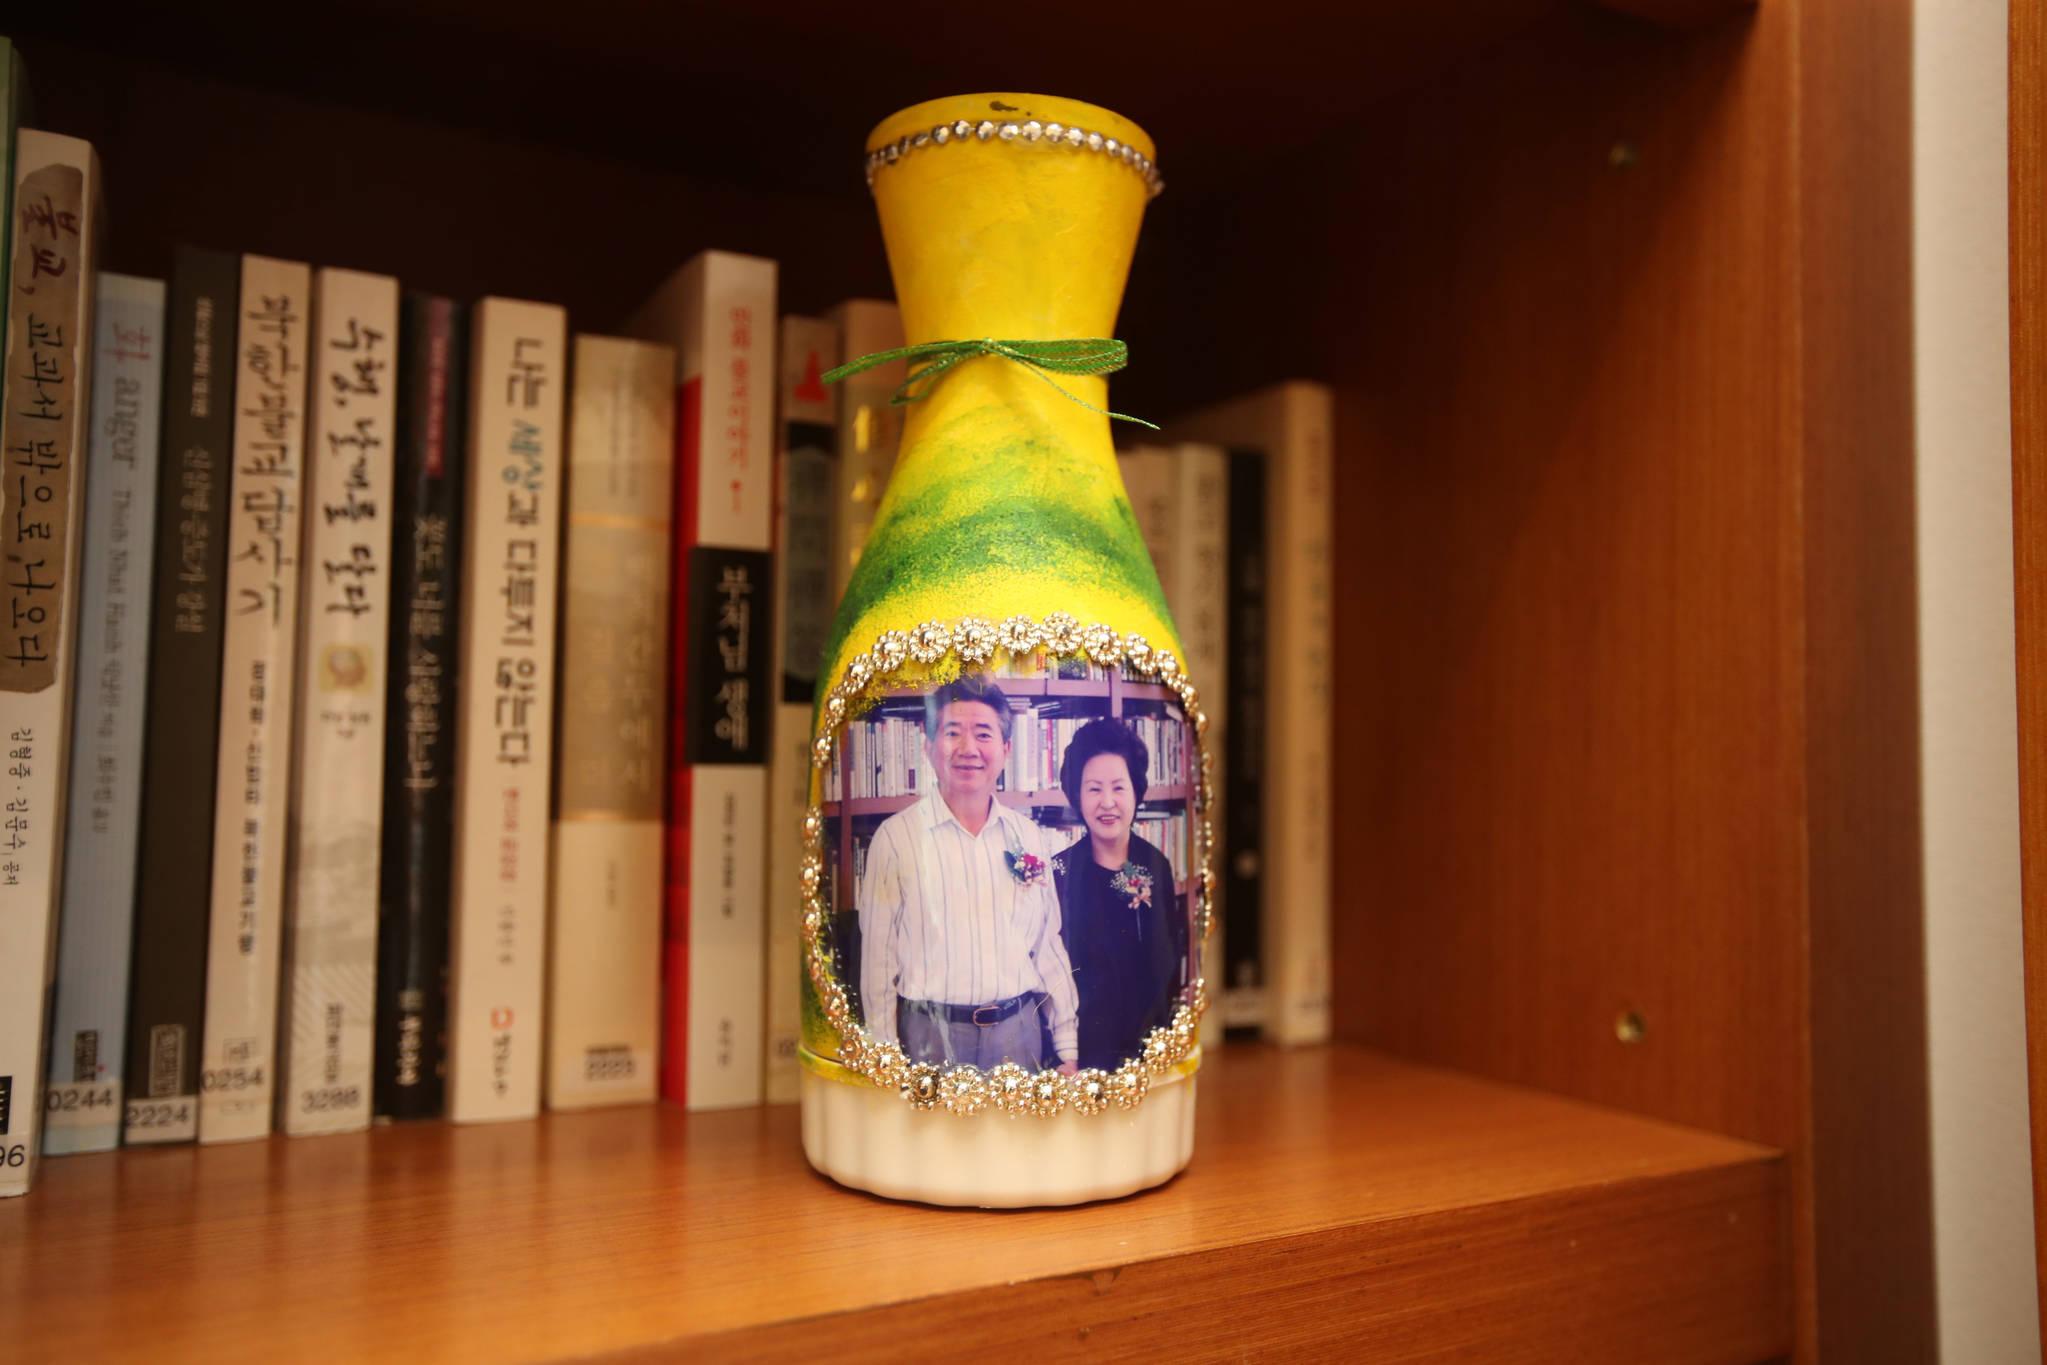 서재 책꽂이에 놓여 있는 꽃병. 노무현 대통령과 권양숙 여사가 다정한 모습으로 바라보고 있다. 송봉근 기자